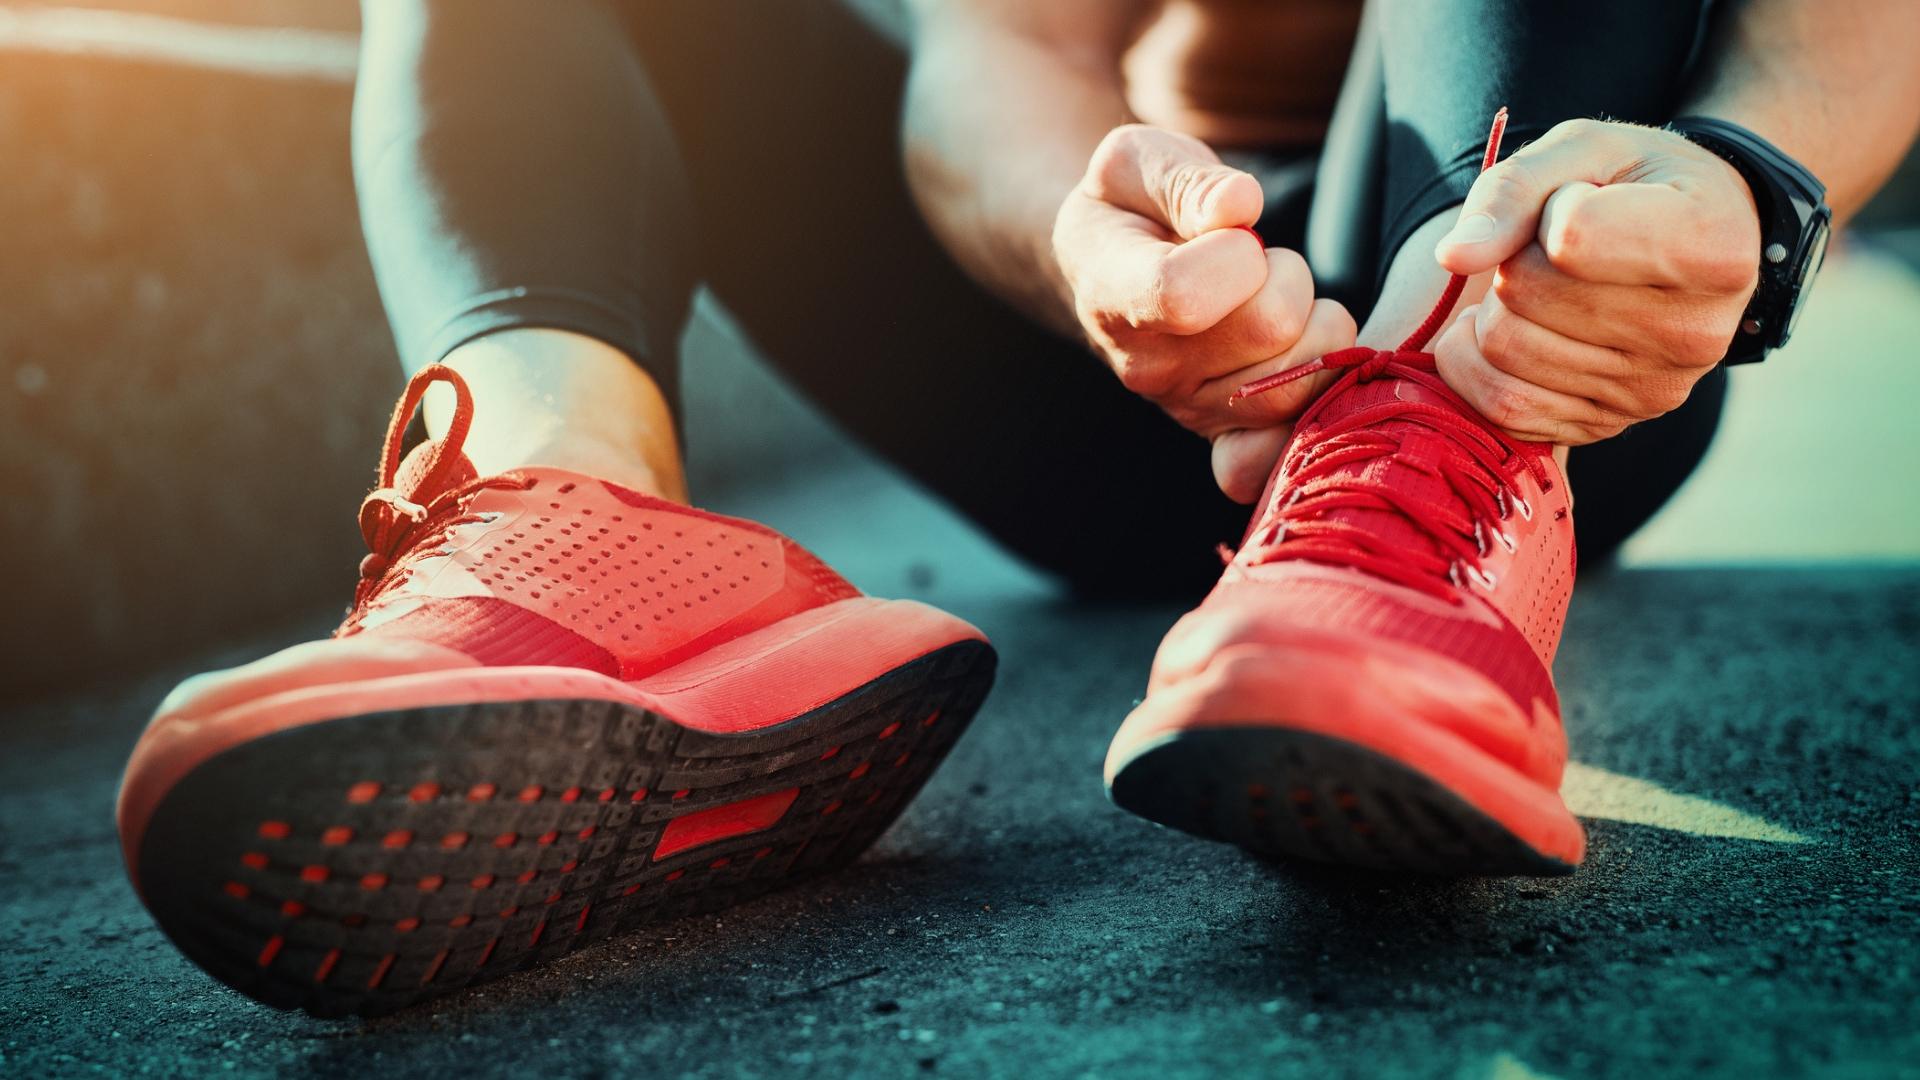 Laufschuhe: Zu viel Dämpfung schadet dem Fuß